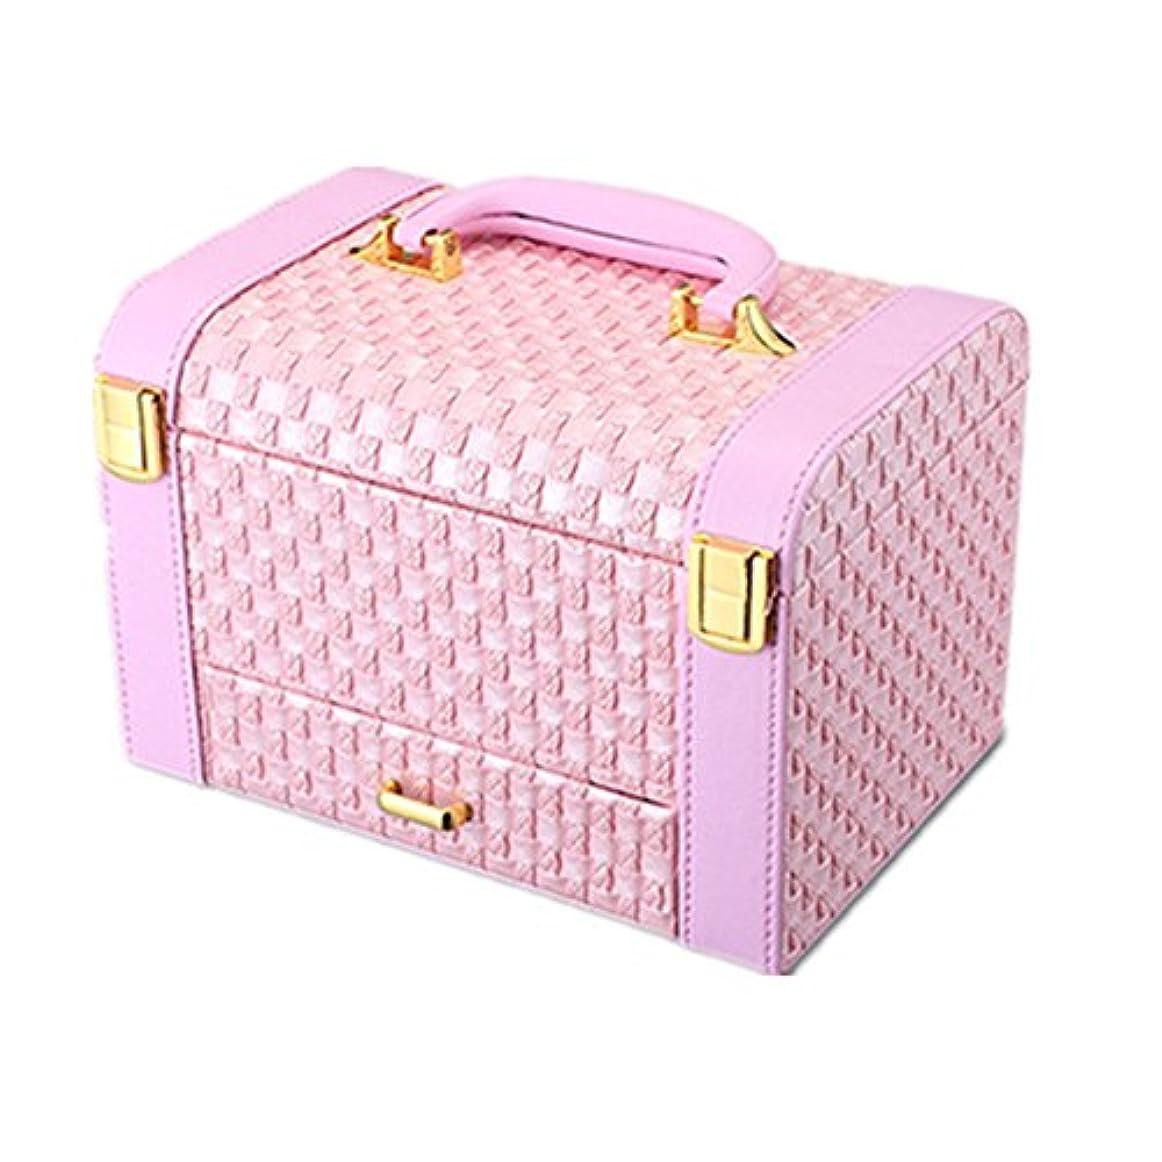 爆風消費する傾向があります化粧オーガナイザーバッグ 小さなものの種類の旅行のための美容メイクアップのポータブル化粧ケース 化粧品ケース